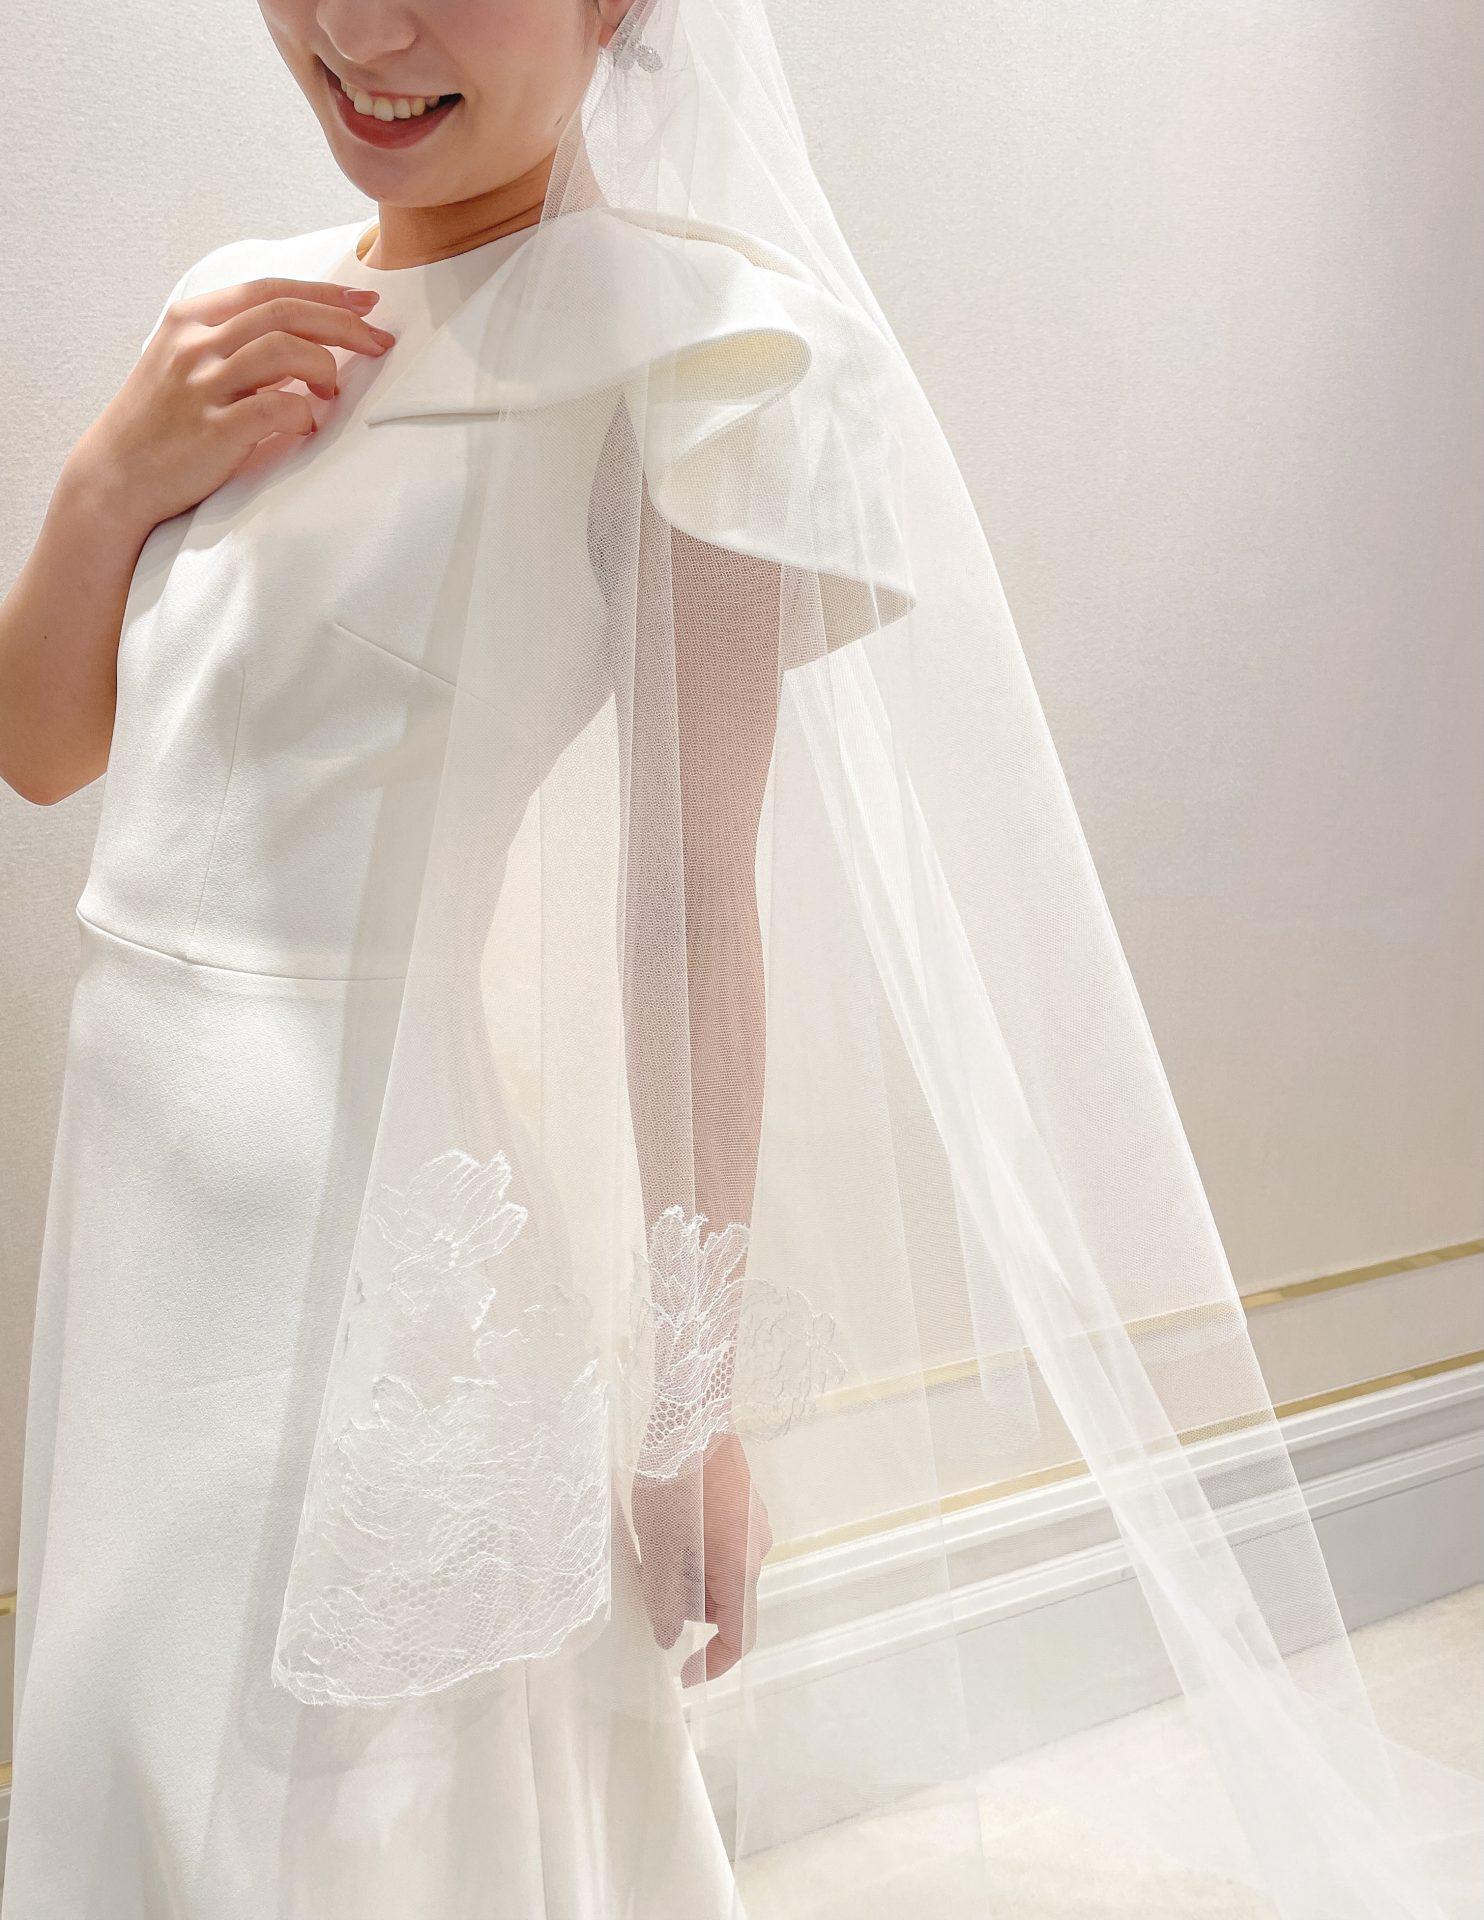 大阪心斎橋にあるドレスショップトリートドレッシングより、アットホームな結婚式におすすめな細身Aラインのナチュラルなウェディングドレス